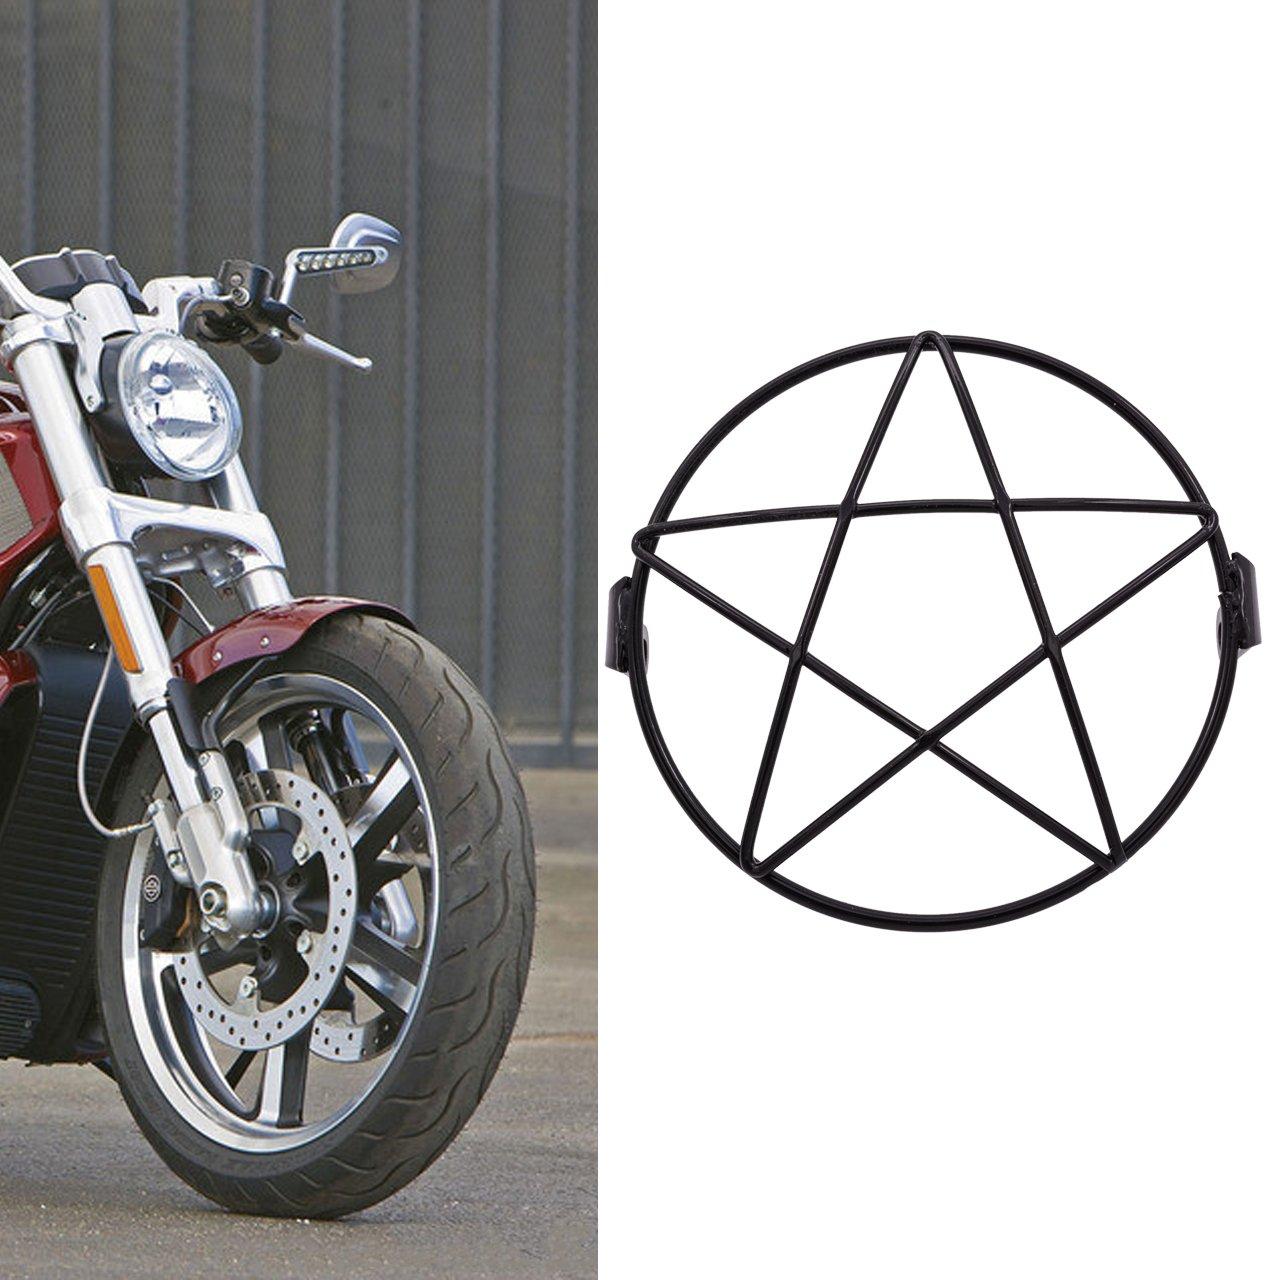 Grille de protection de 16/cm en m/étal pour phare de moto Katur